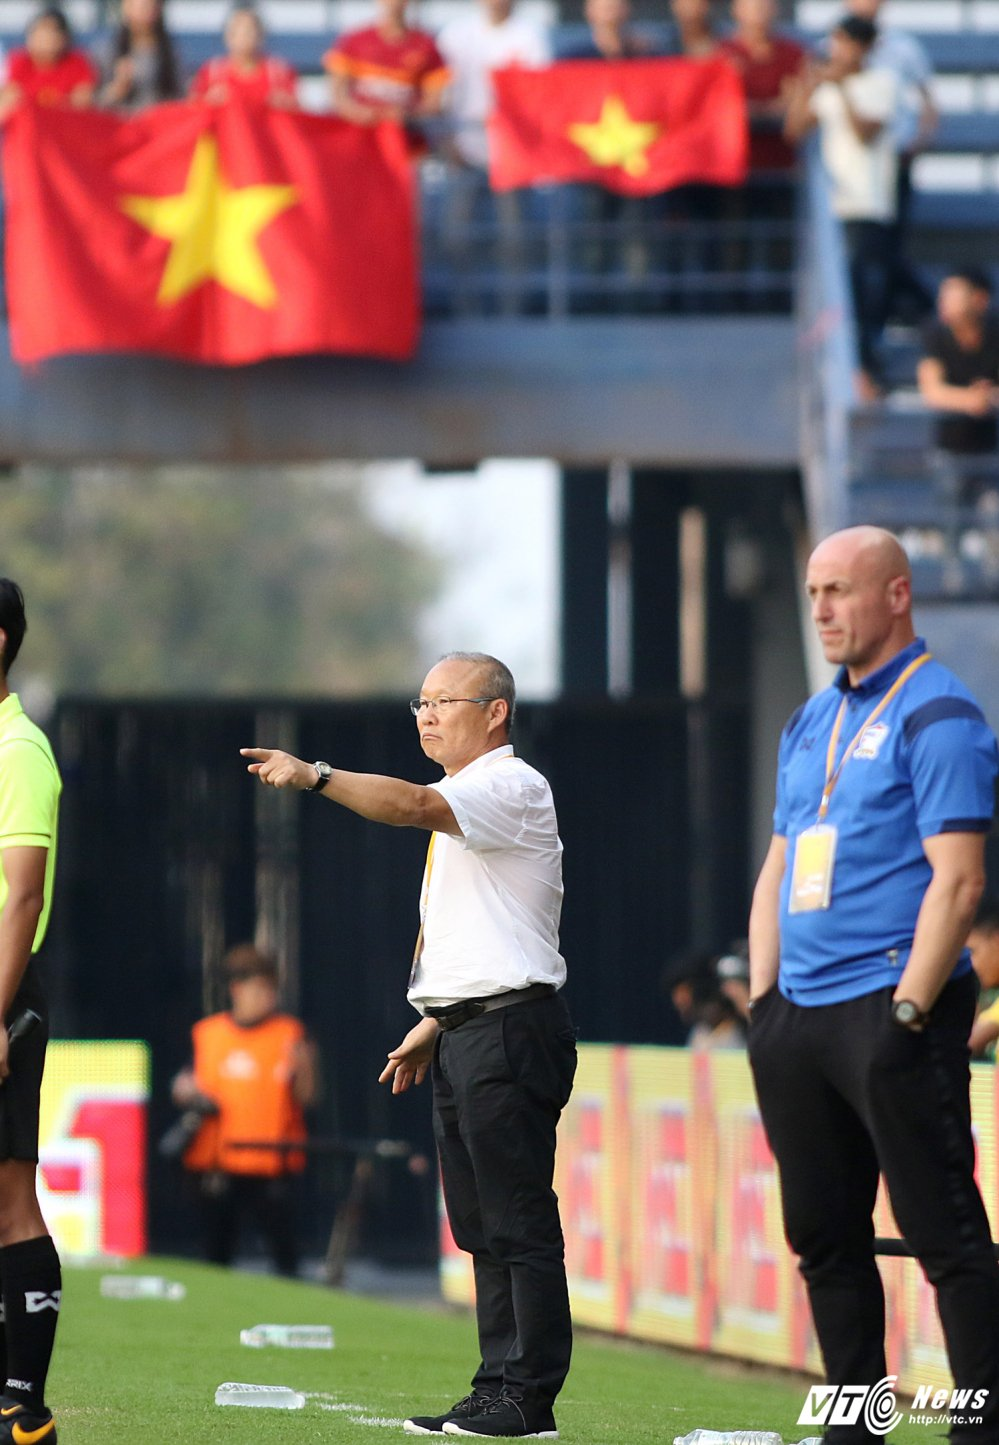 Thang U23 Thai Lan, HLV Park Hang Seo nhay cang vui suong hinh anh 5